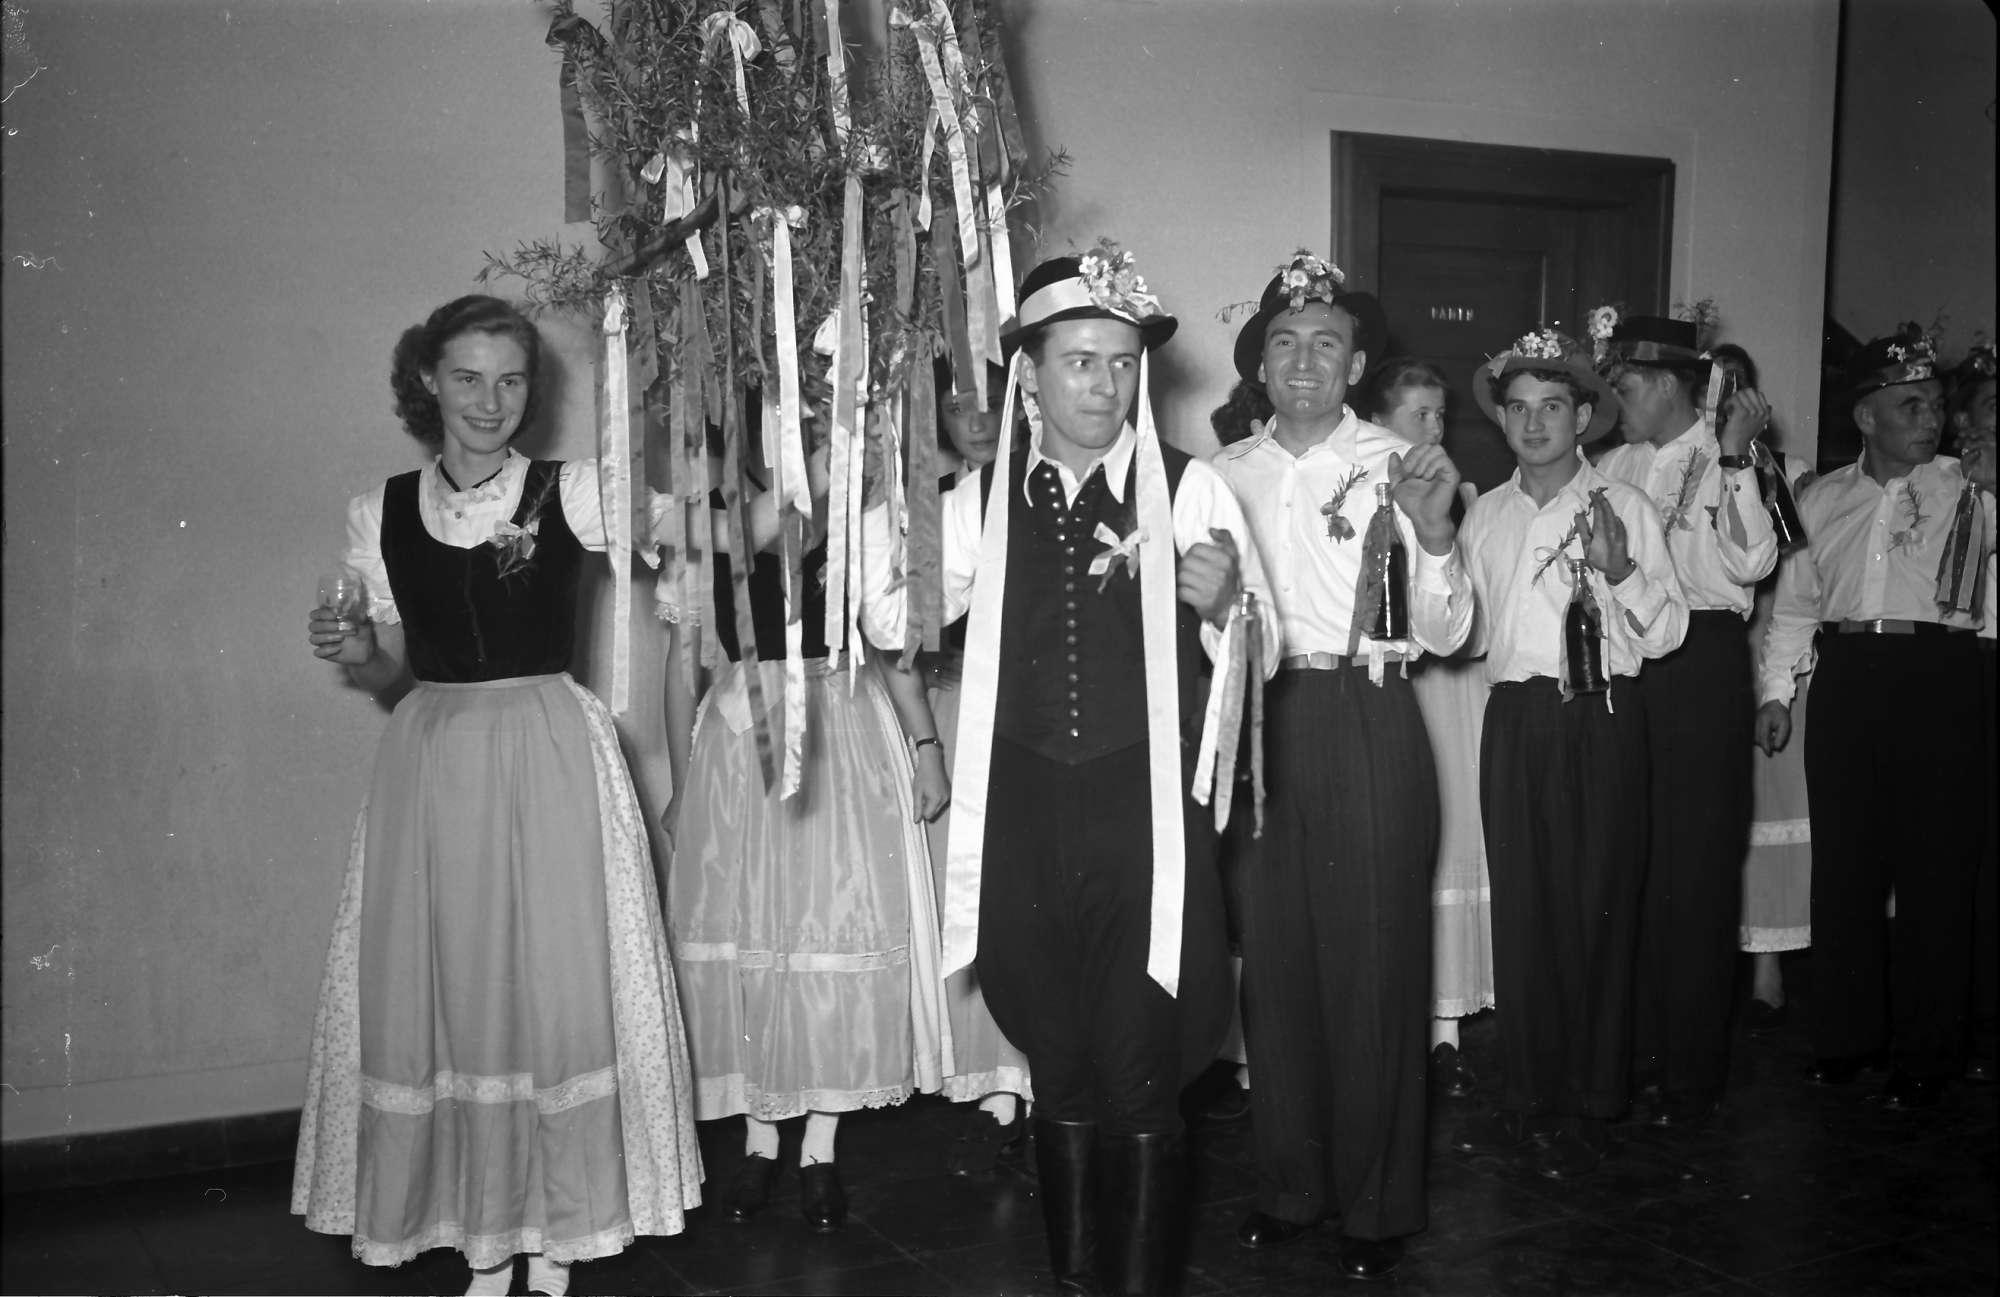 Rastatt: Gruppe des Hochzeitszuges vor dem Umzug, Bild 1